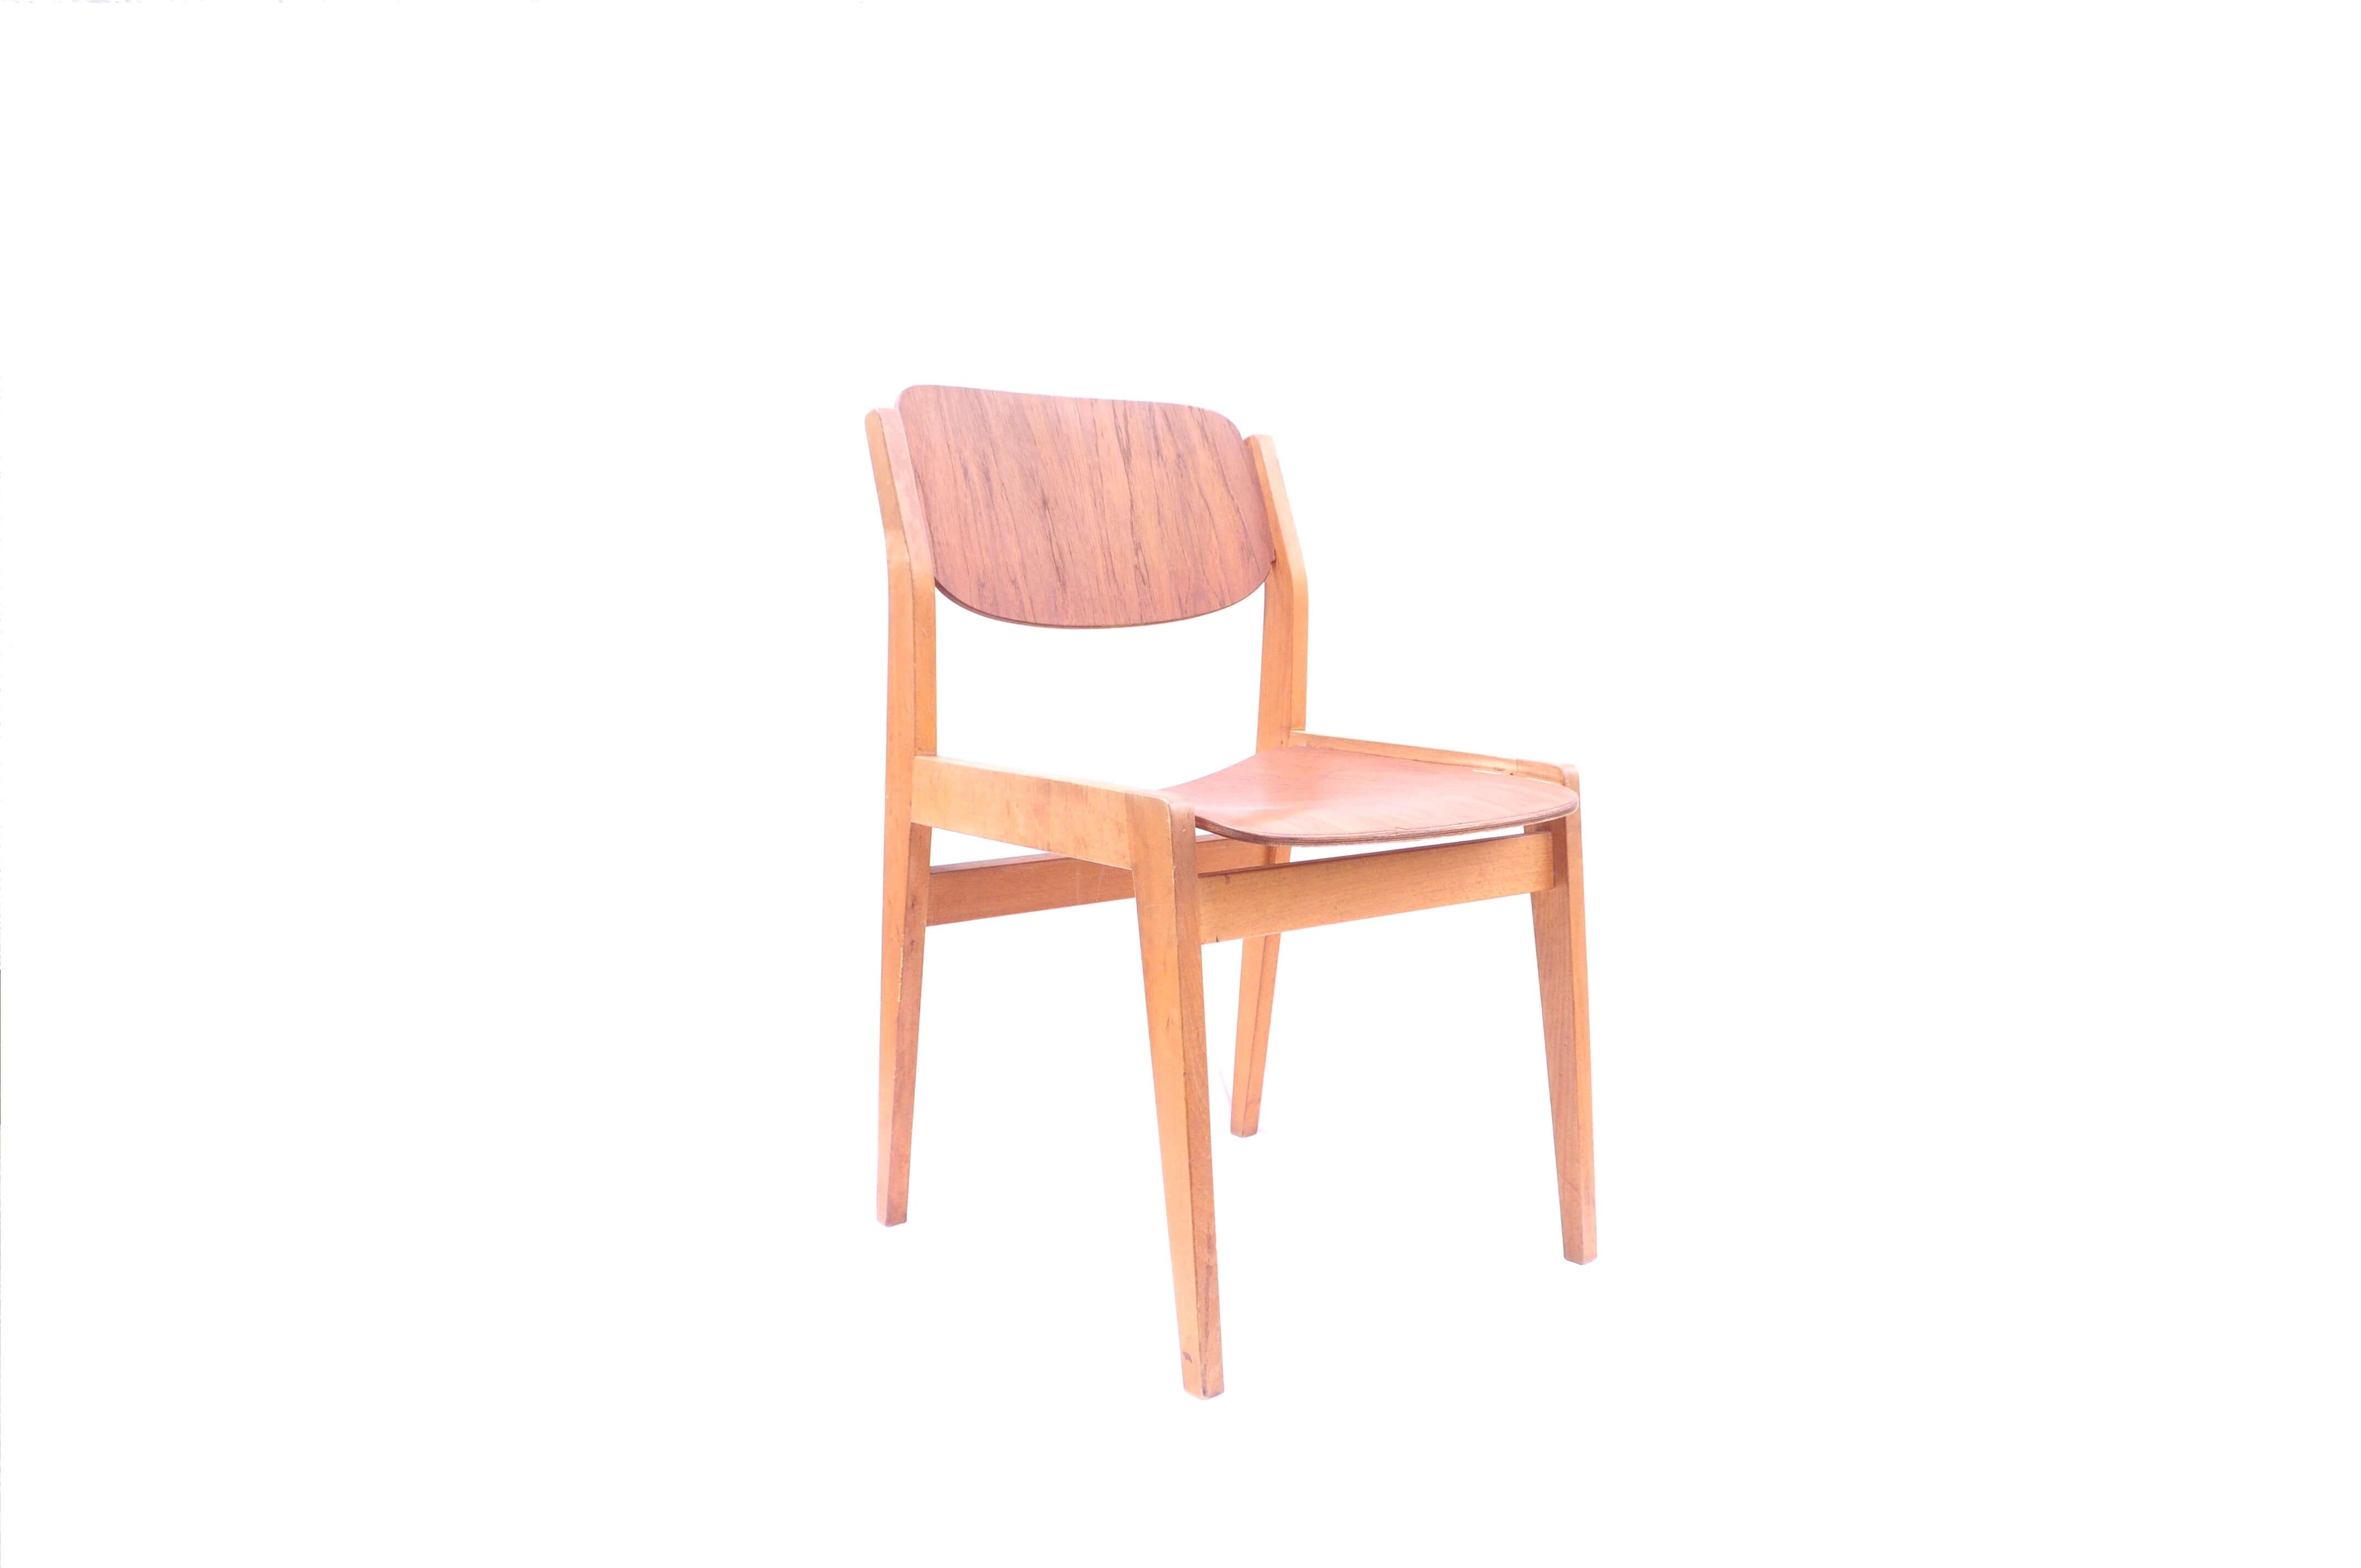 天童木工が誇る、不屈の名作チェア。1954年に水之江忠臣が神奈川県立図書館の観覧用の椅子としてデザインしました。彼は、海外の名作と呼ばれる椅子の研究を通じて、イームズやウェグナーといった名だたるデザイナー達と交流を深めました。「デザイナーは一生に一つ本当にいいものが残せればそれでいい」そう語る彼が、100回以上もの試作を重ねて製作したチェア。